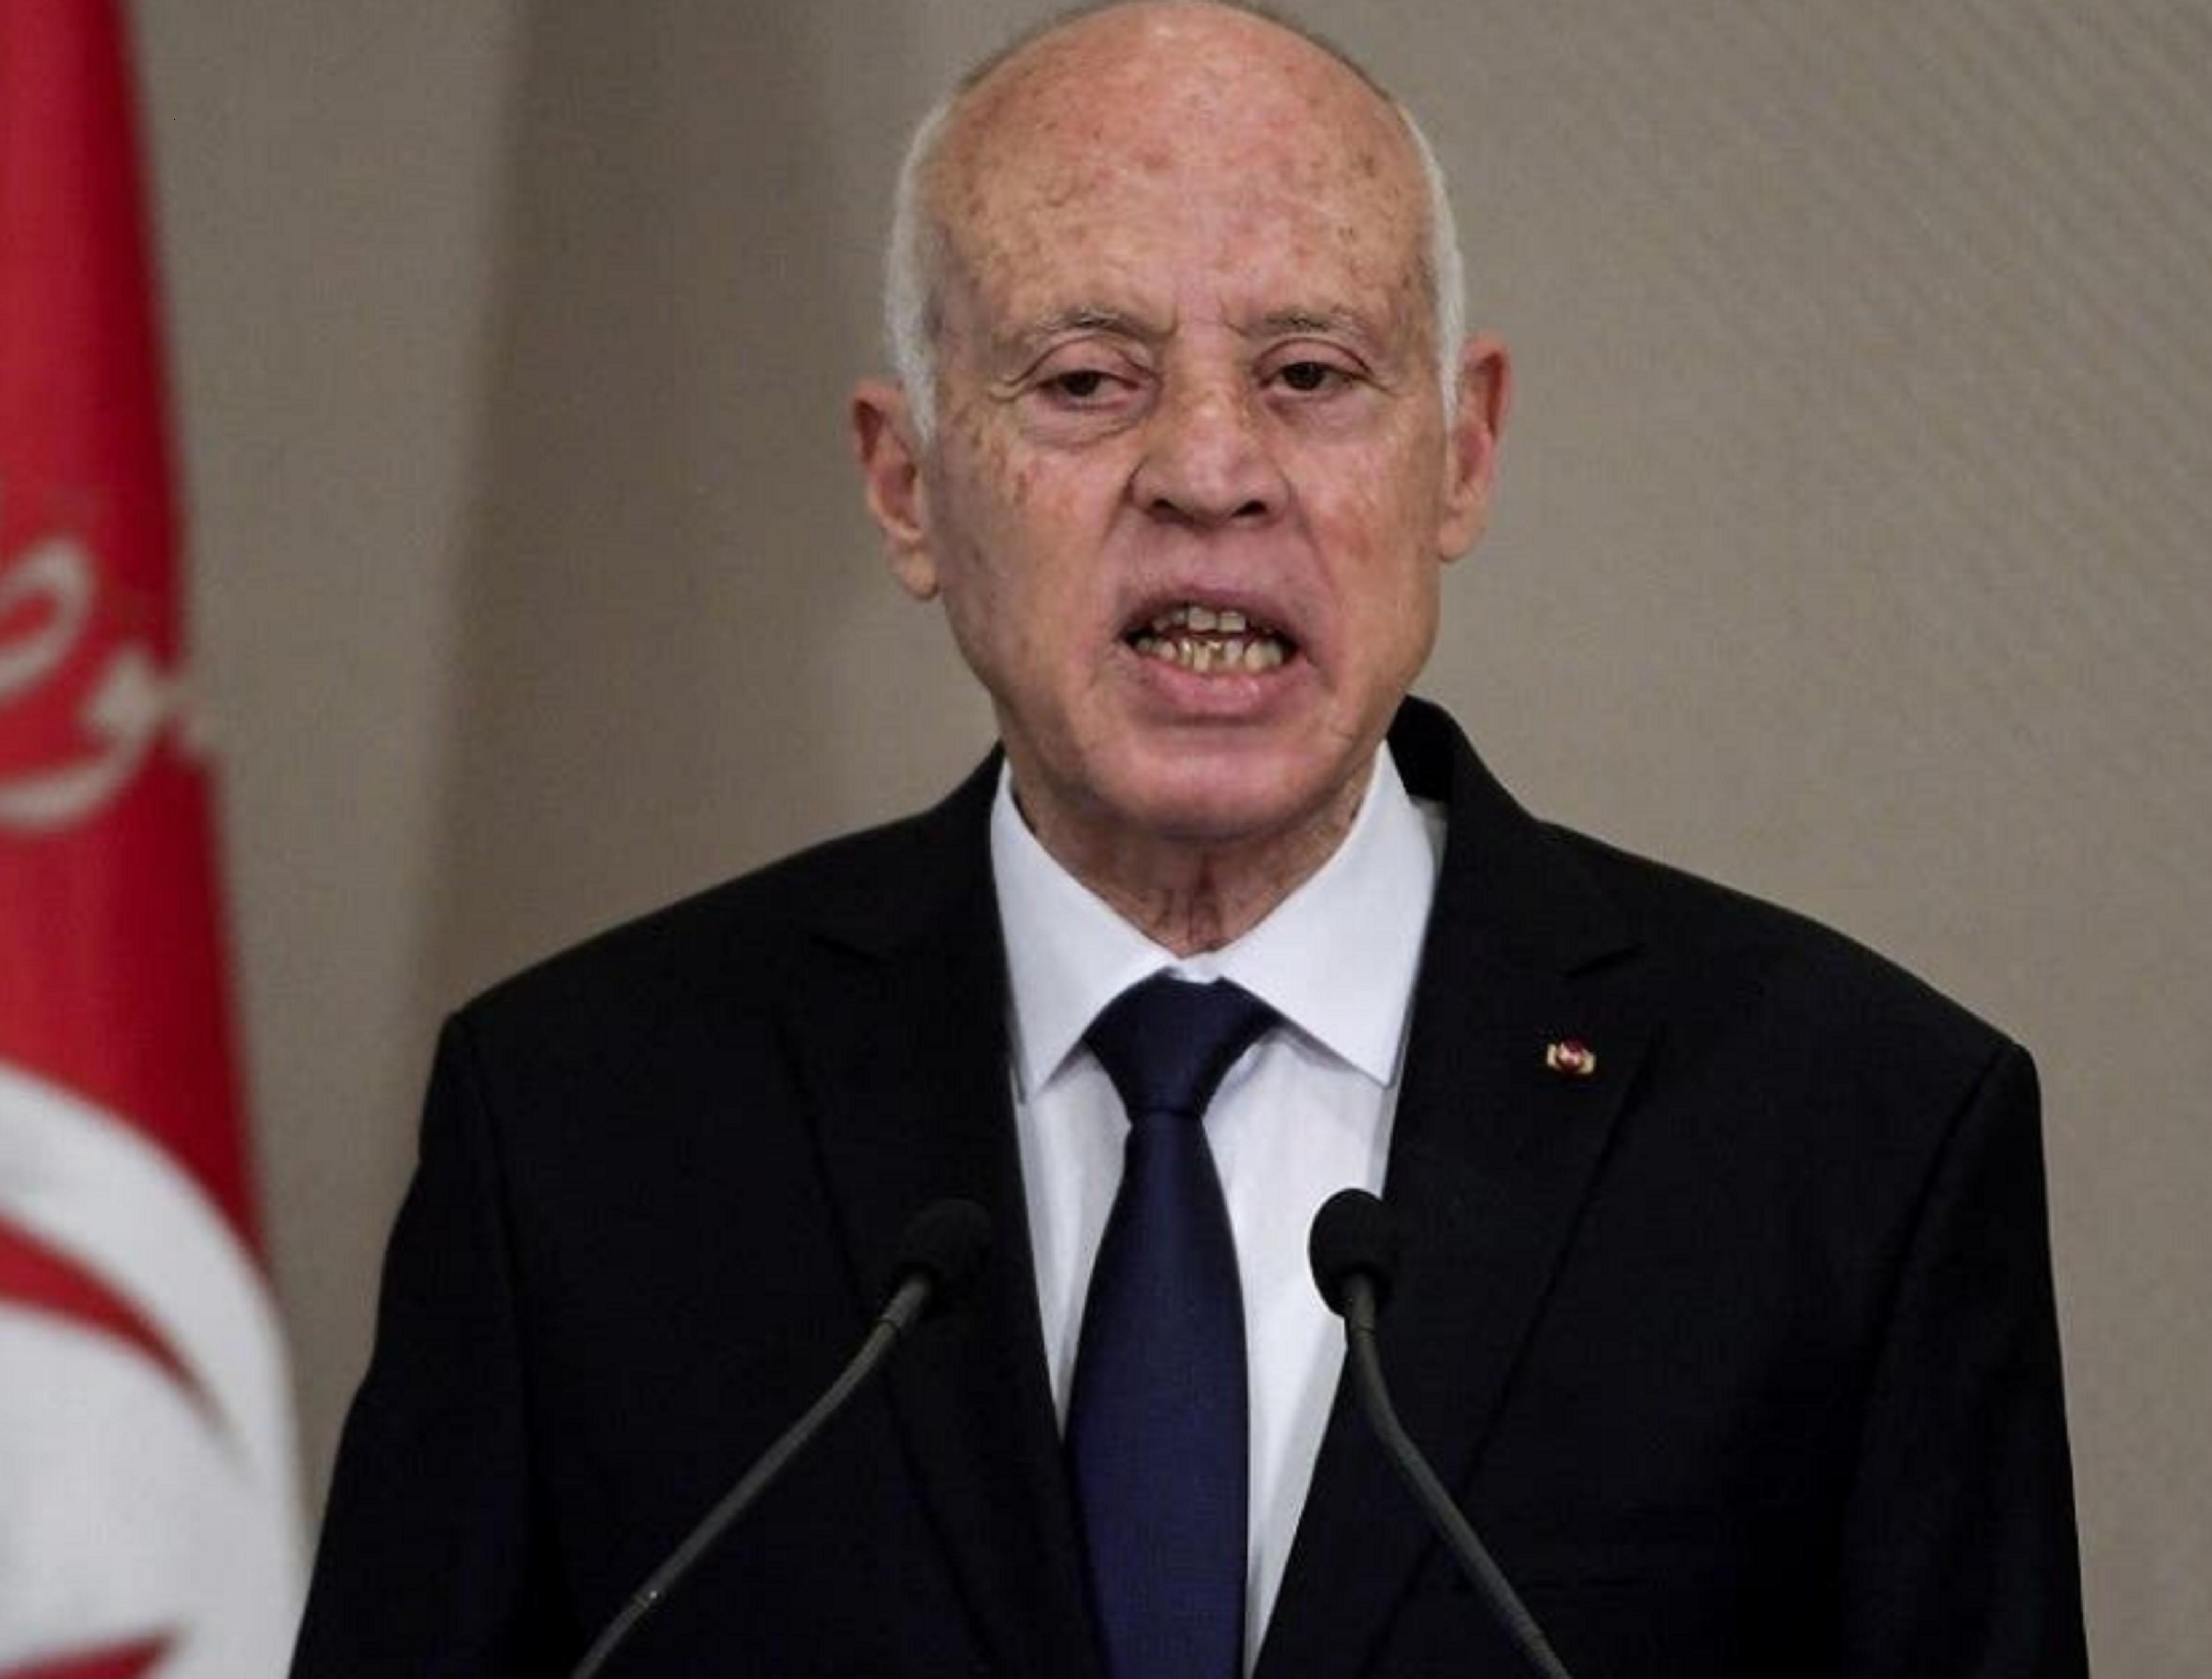 ट्युनिसियाका राष्ट्रपतिद्वारा संसद भङ्ग, प्रधानमन्त्री बर्खास्त